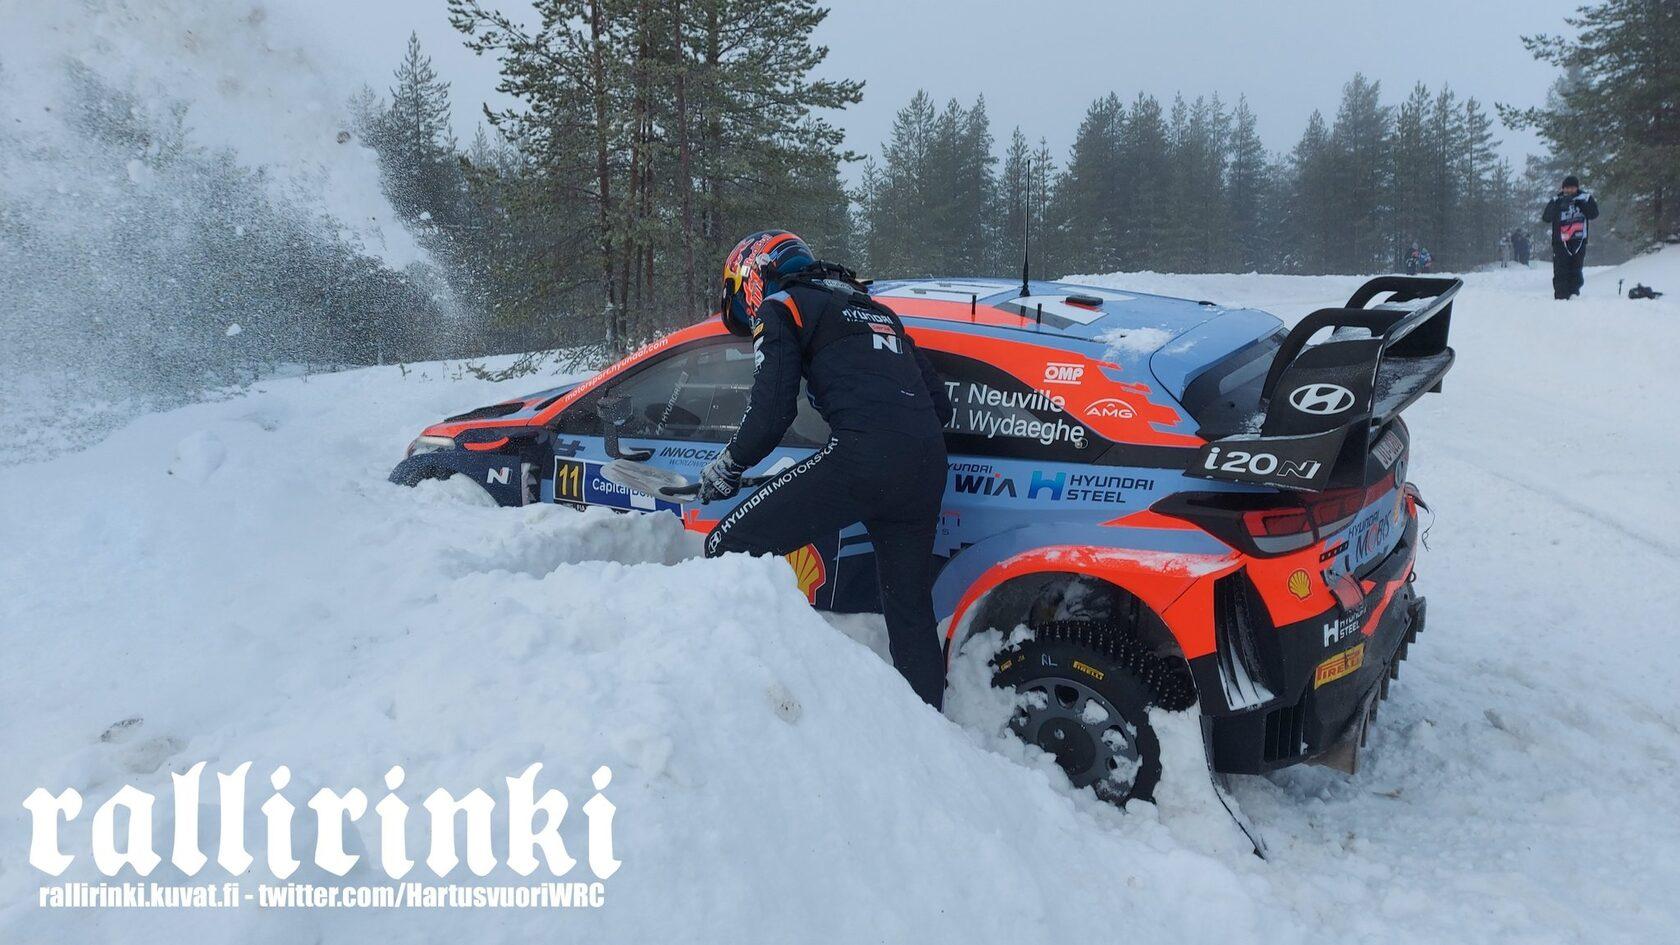 Тьерри Невилль и Мартейн Видаге, Hyundai i20 Coupe WRC, Arctic Rally Finland 2021